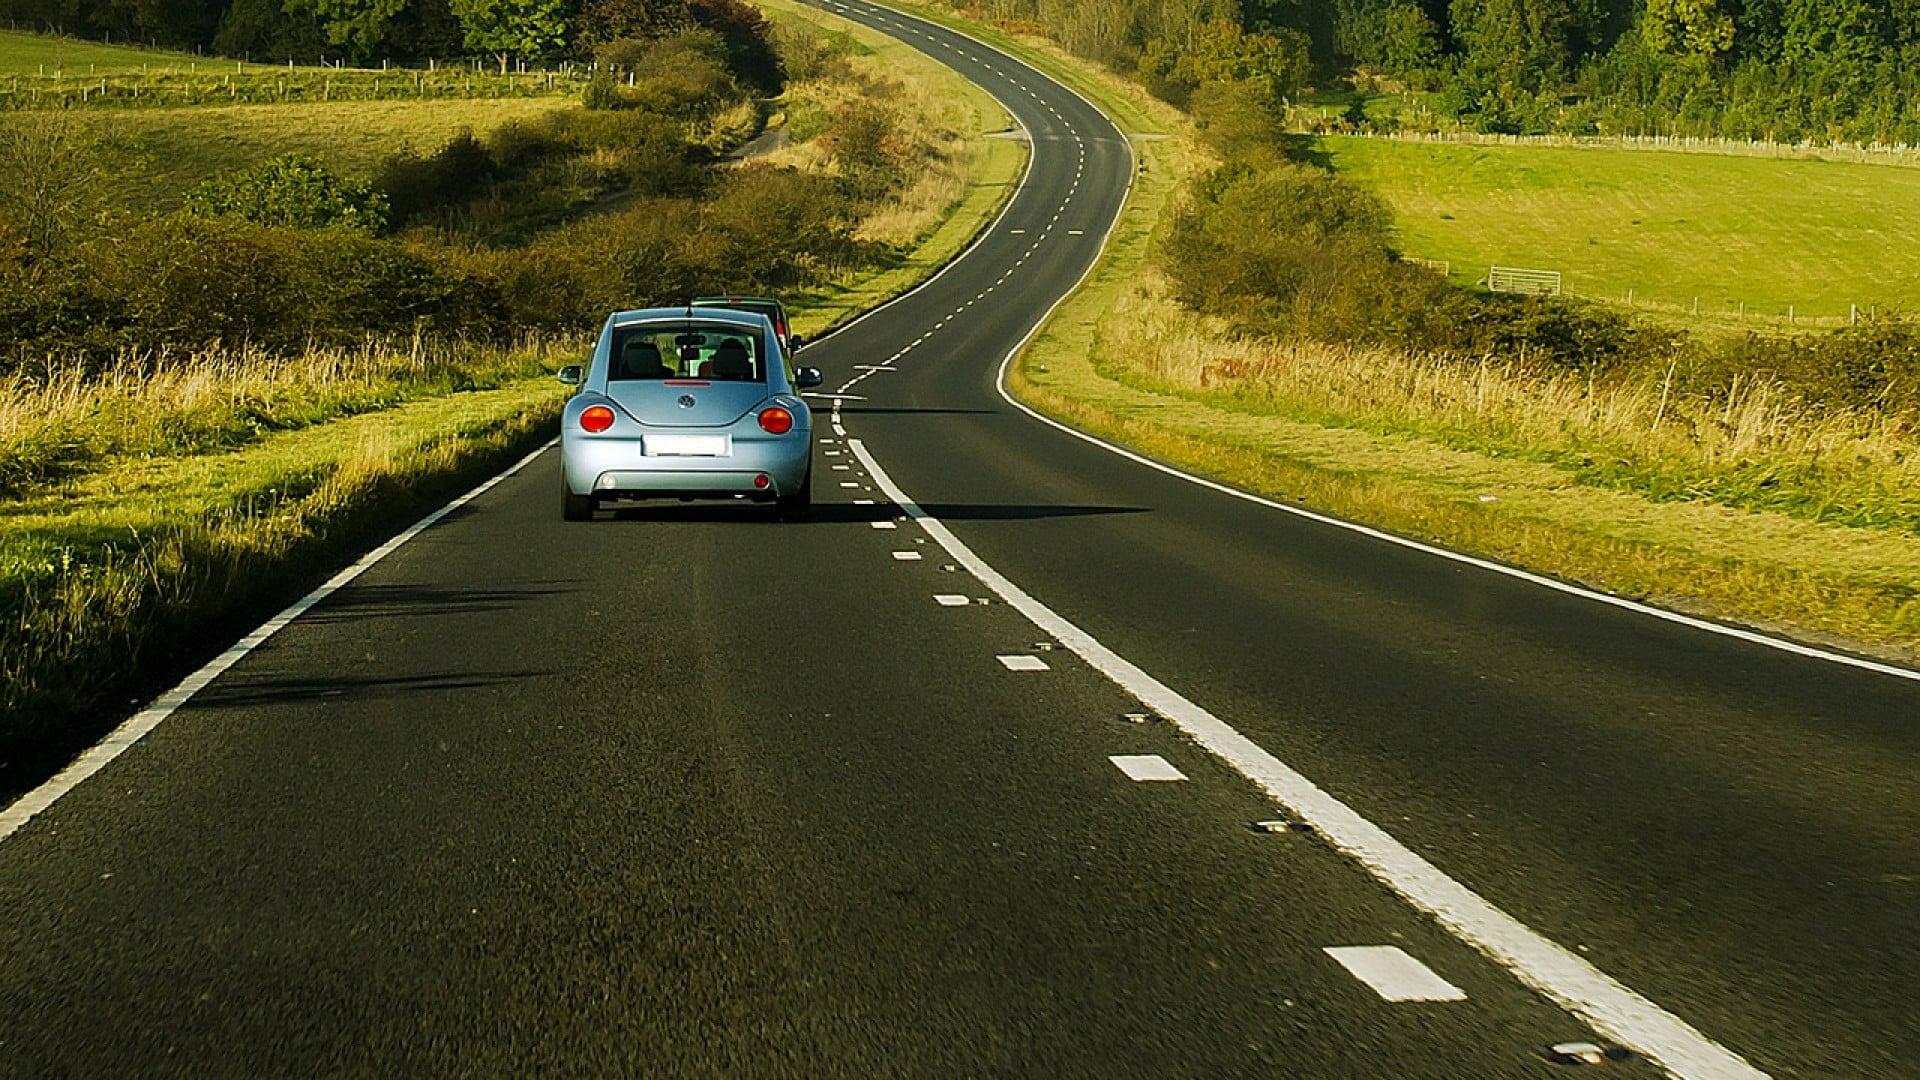 Passer son code et son permis de conduire facilement et pour pas cher